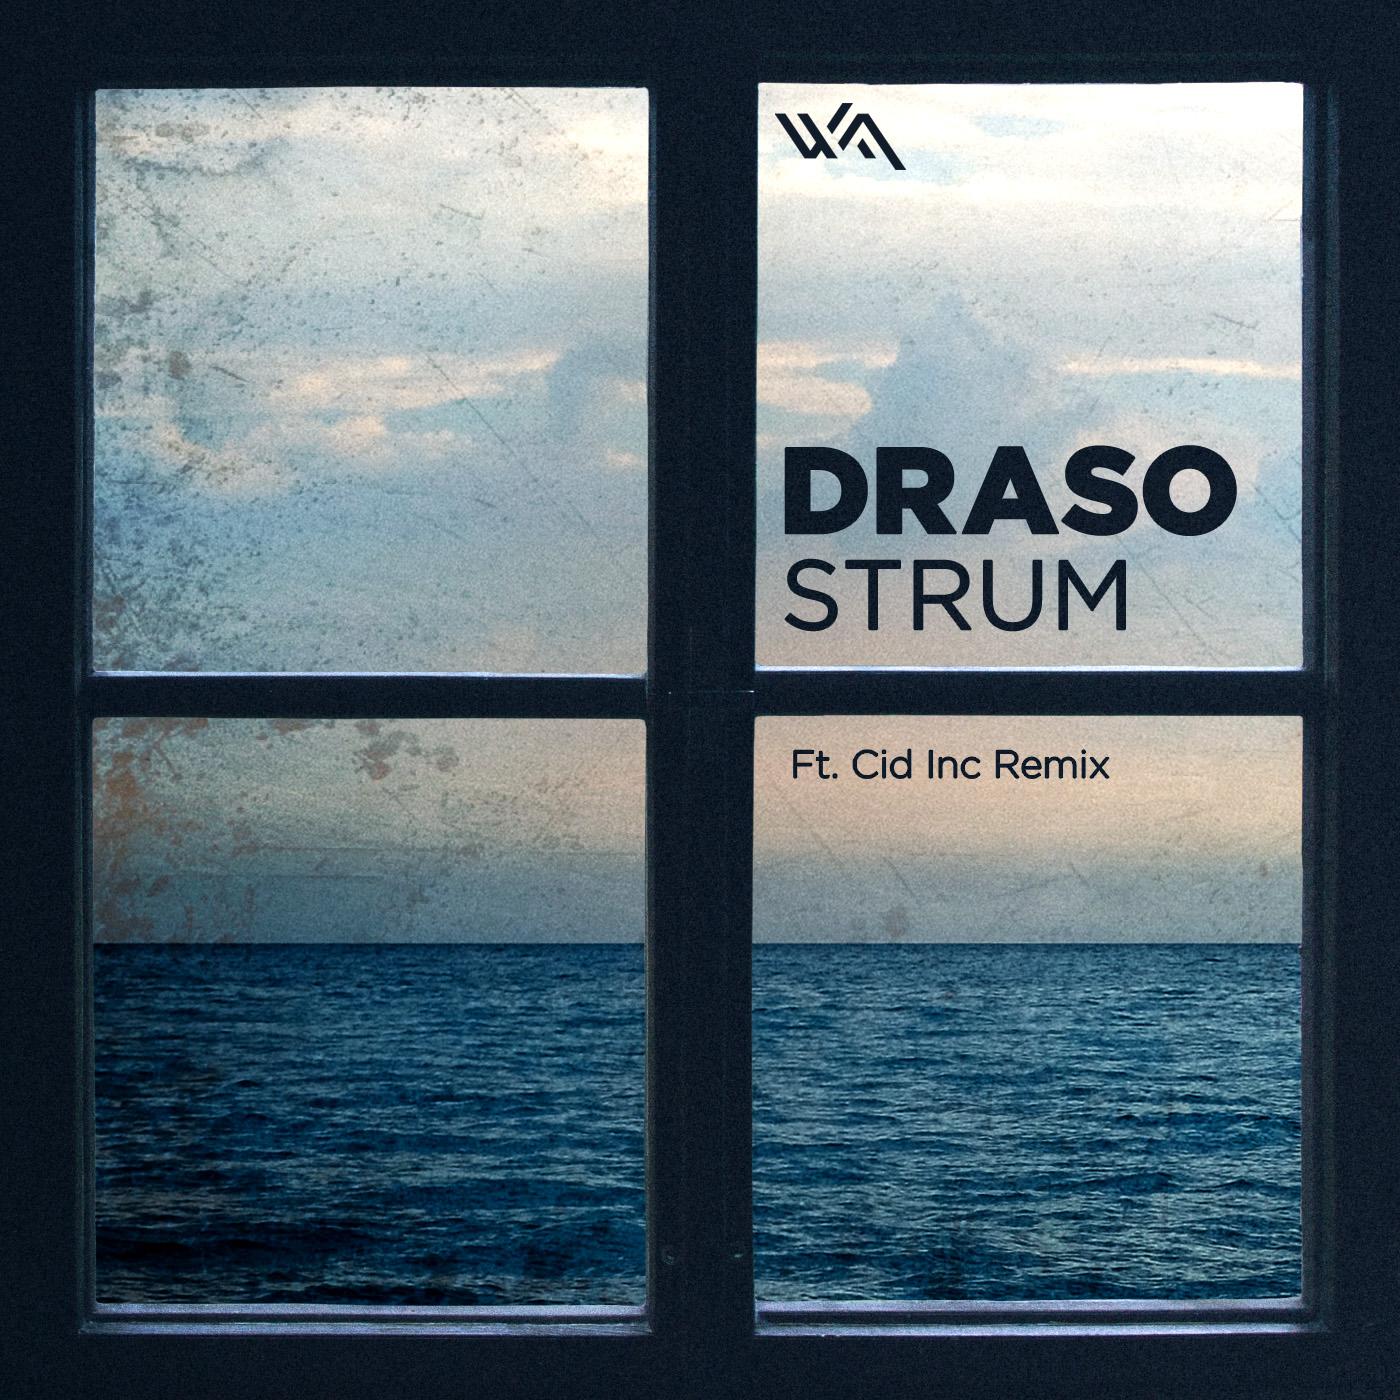 Draso - Strum (Wide Angle Recordings)